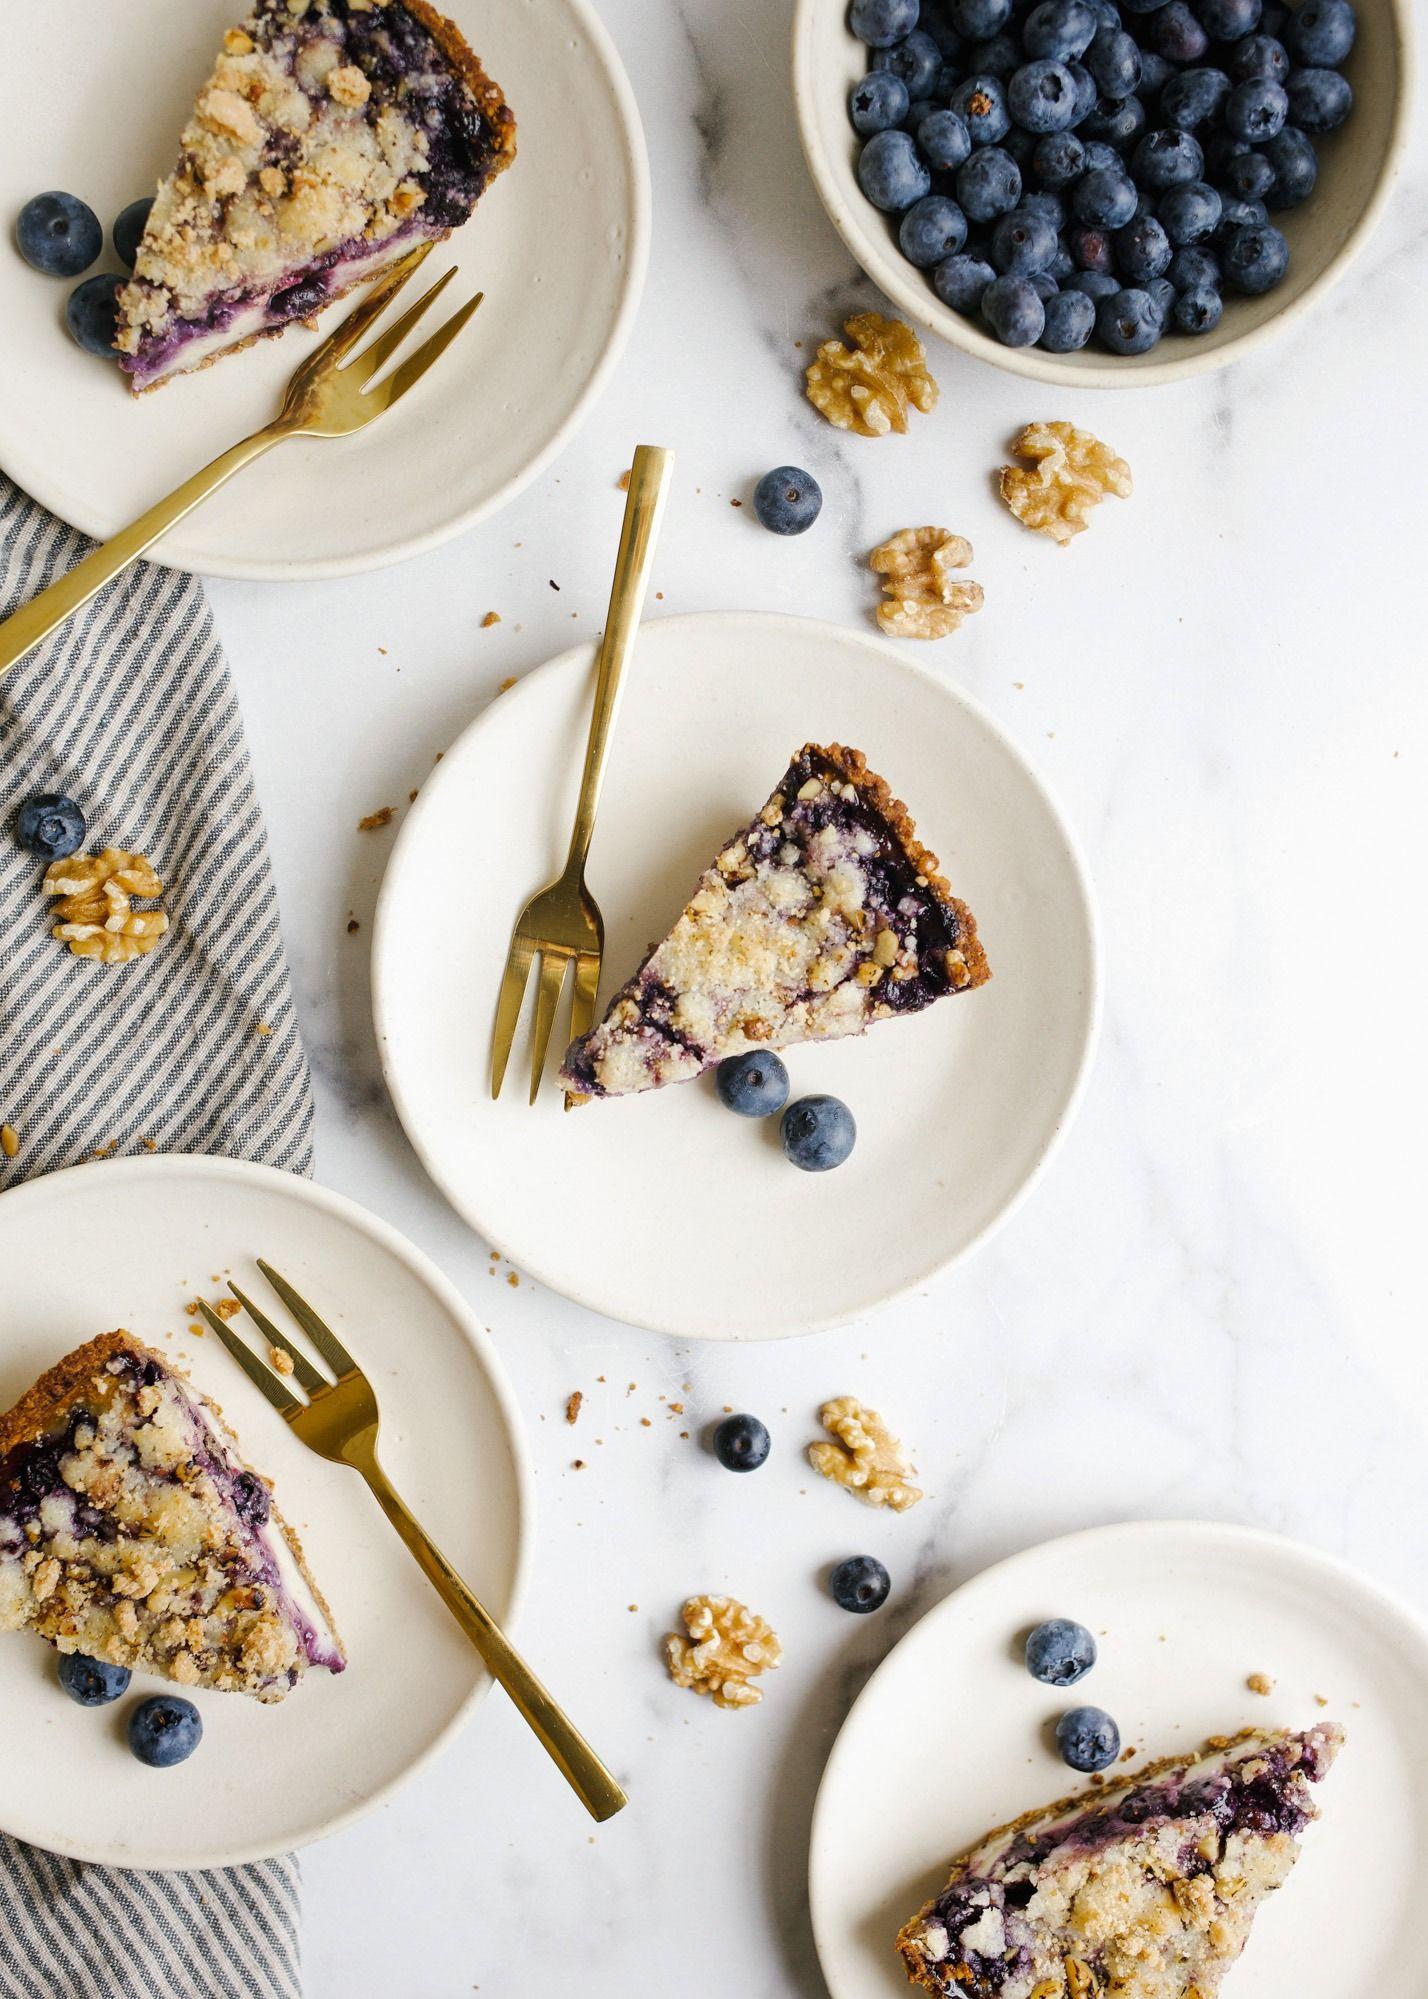 Blueberry Sour Cream Pie Wood Spoon Recipe Cream Pie Sour Cream Dessert Recipes